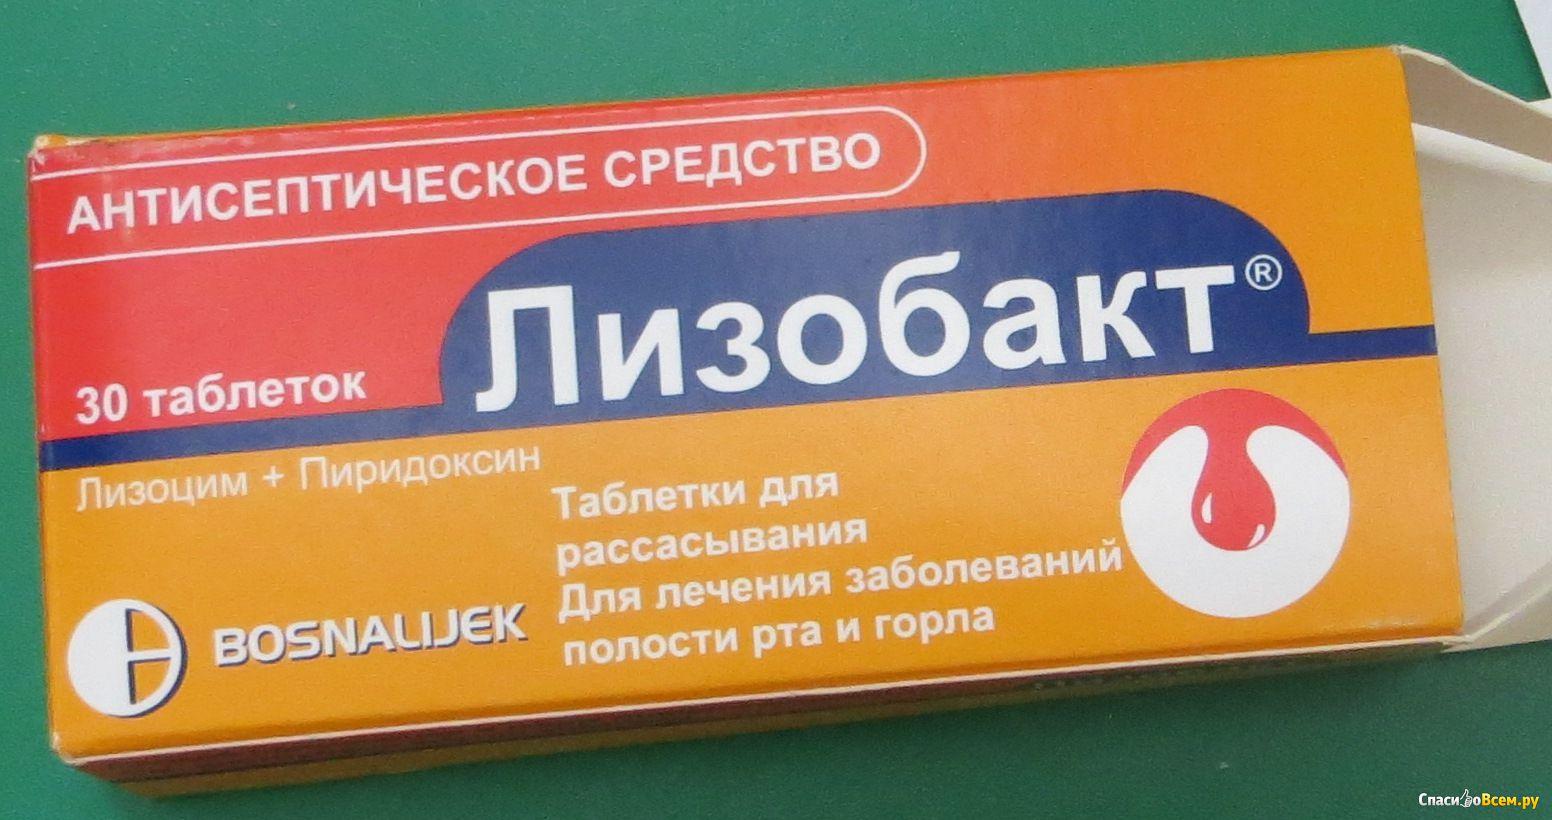 """Отзыв про Антисептический препарат """"Лизобакт"""", таблетки для рассасывания: """"Разрешены для всех"""" Дата отзыва: 2014-10-26 22:24:47"""